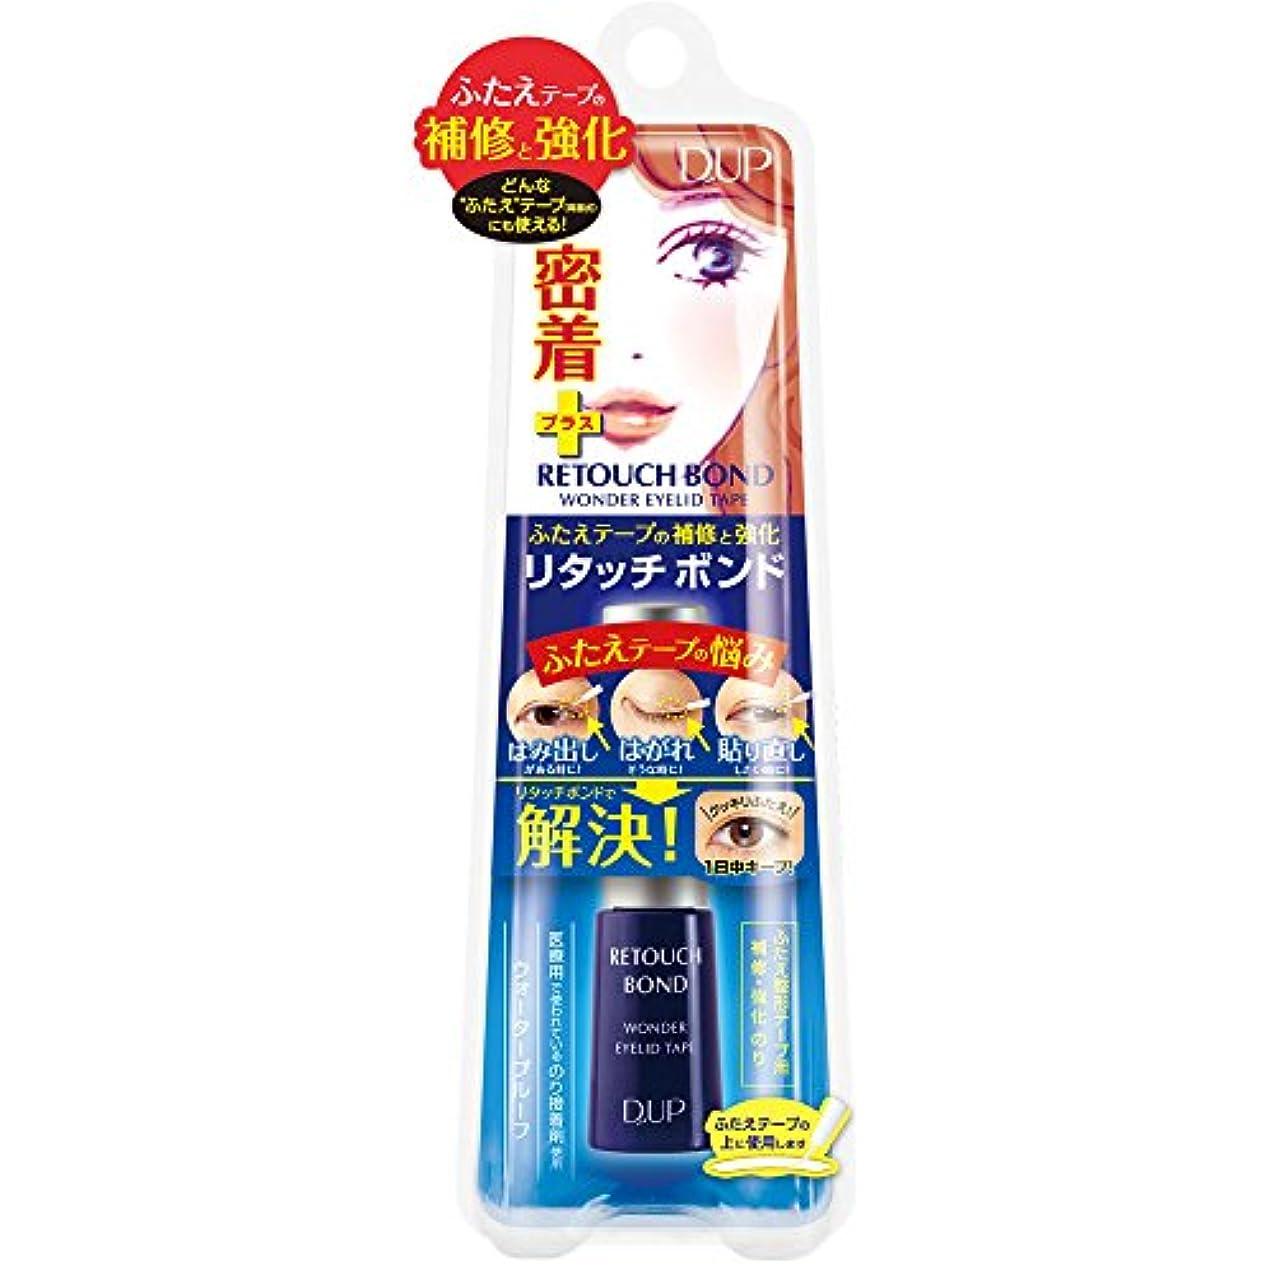 花束バンクお茶D-UP ワンダーアイリッドテープ リタッチボンド (5ml)